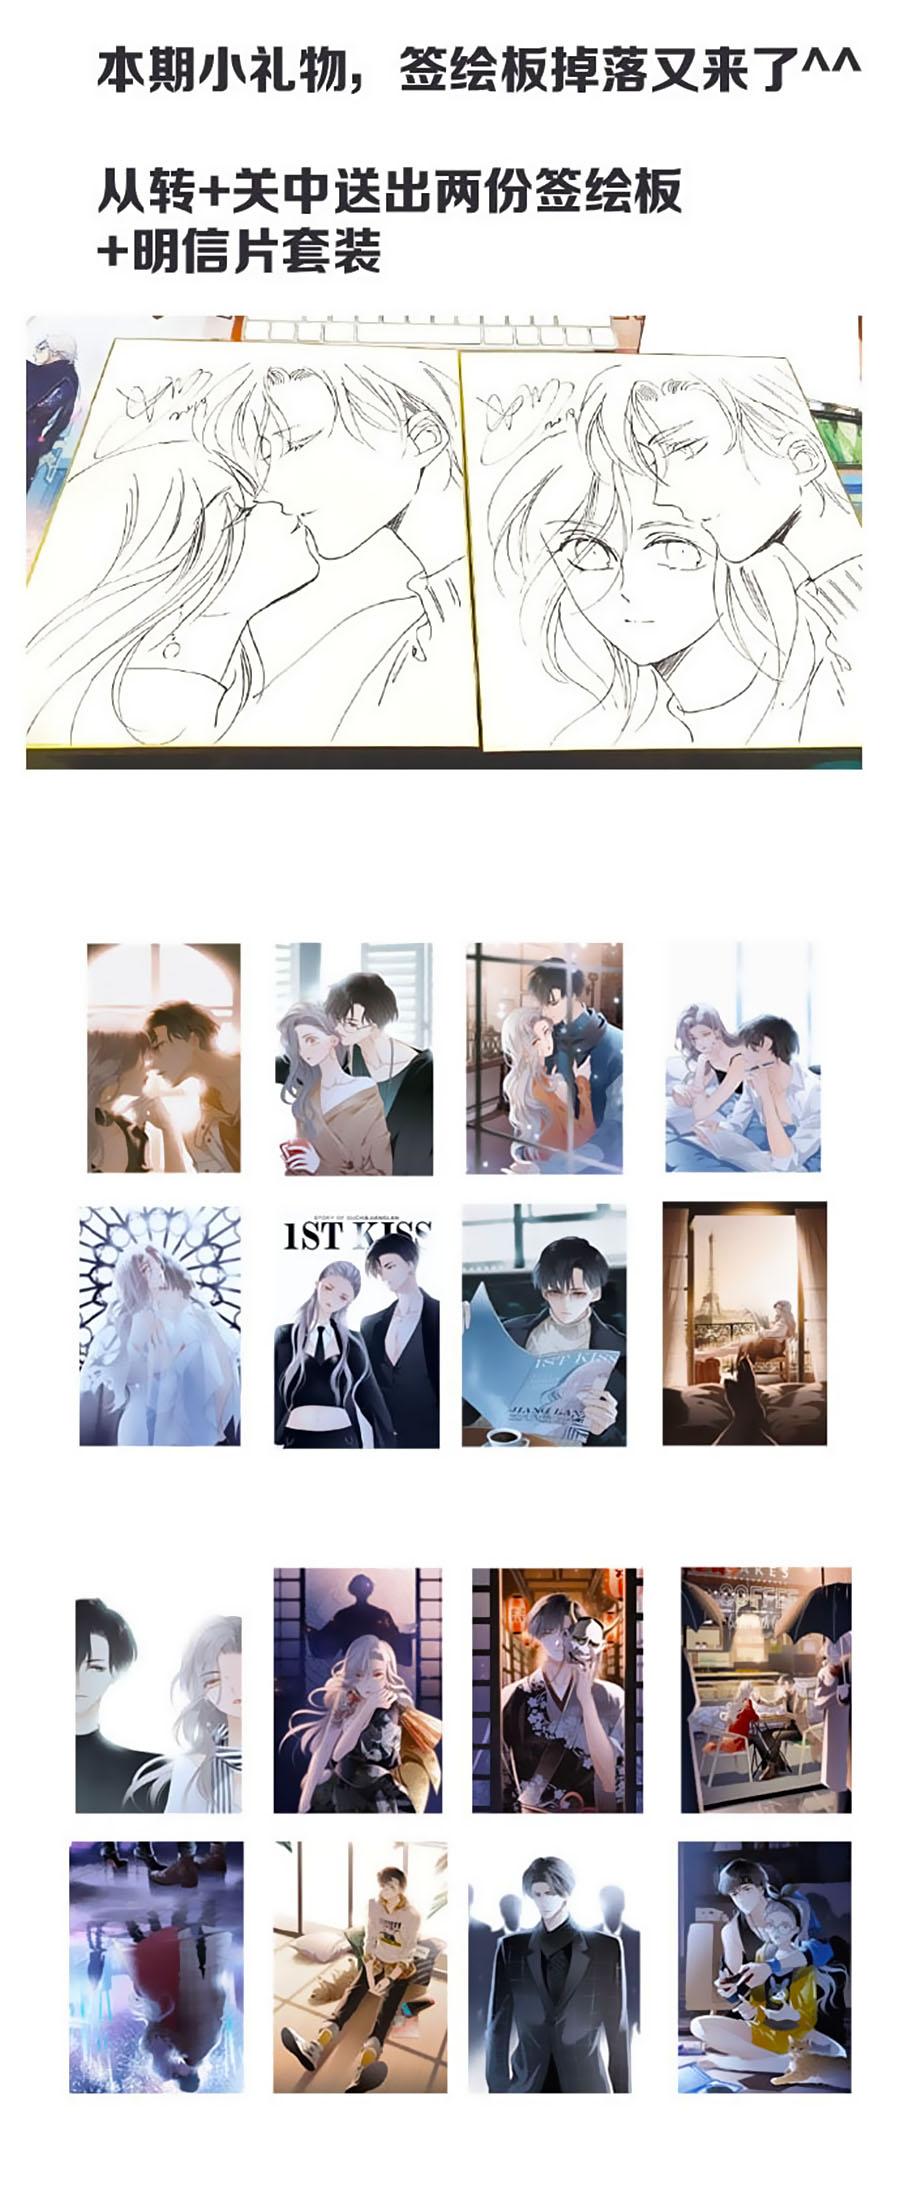 Tình Yêu Và Nhà Sản Xuất chap 13 - Trang 30